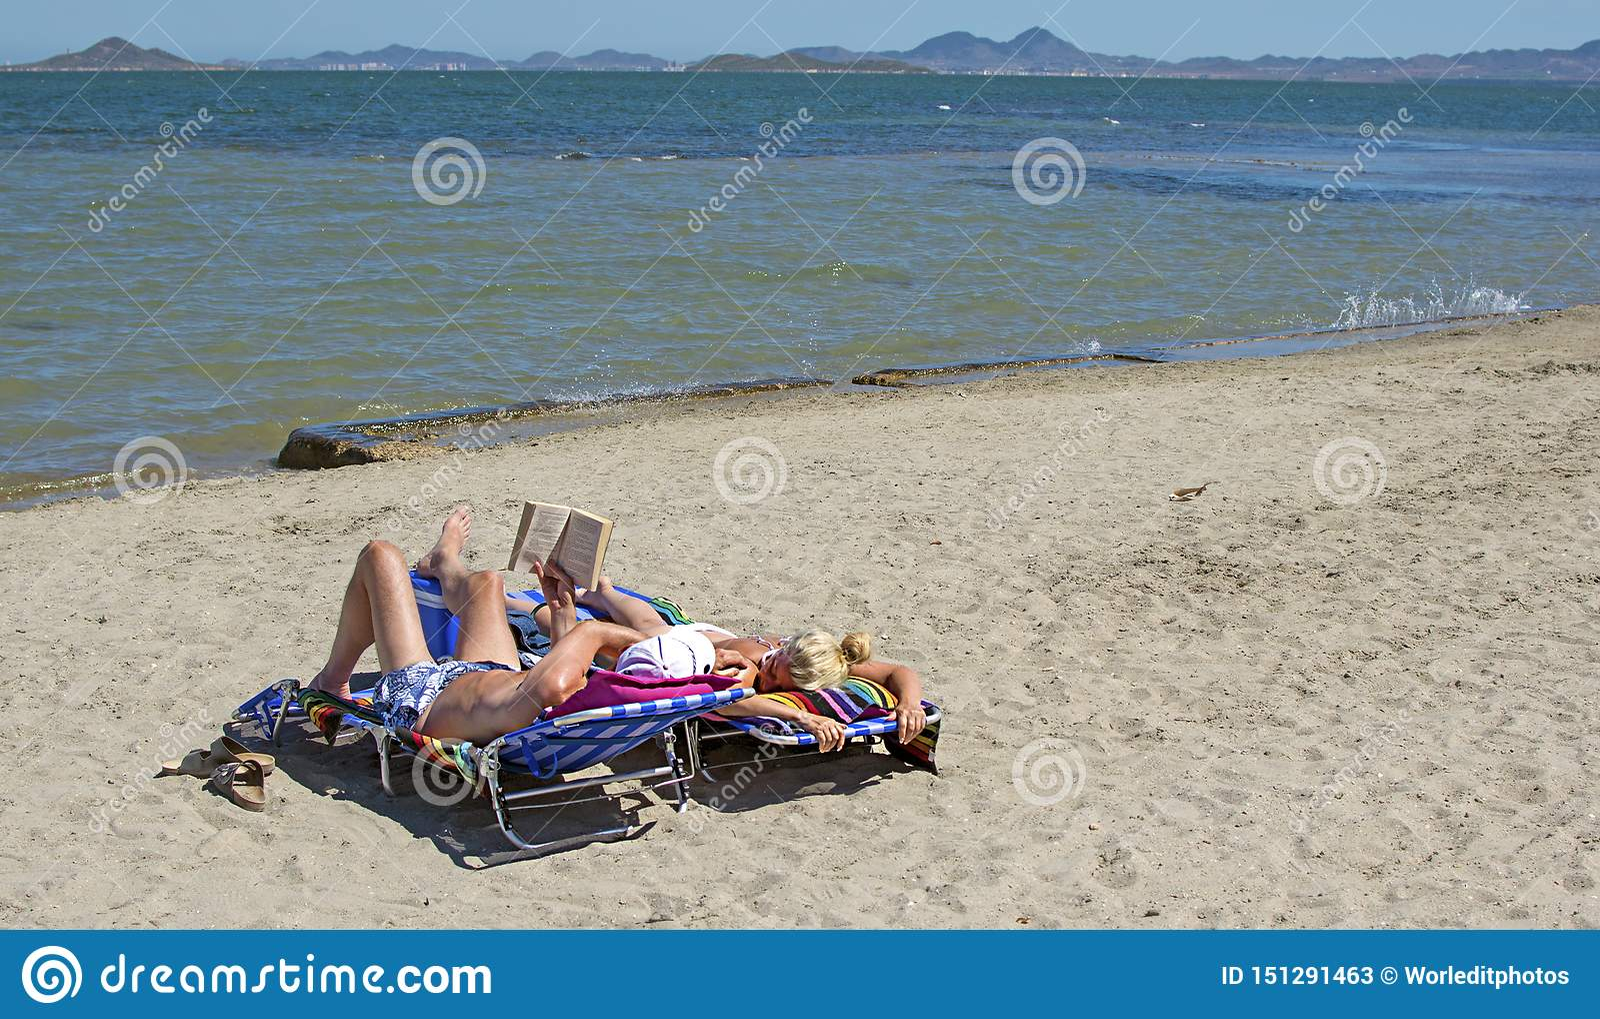 Murcia, Spanien - 22. Juni 2019: Glückliches Paar, das ein Buch liest und auf dem Strand während eines sonnigen Sommertages sich